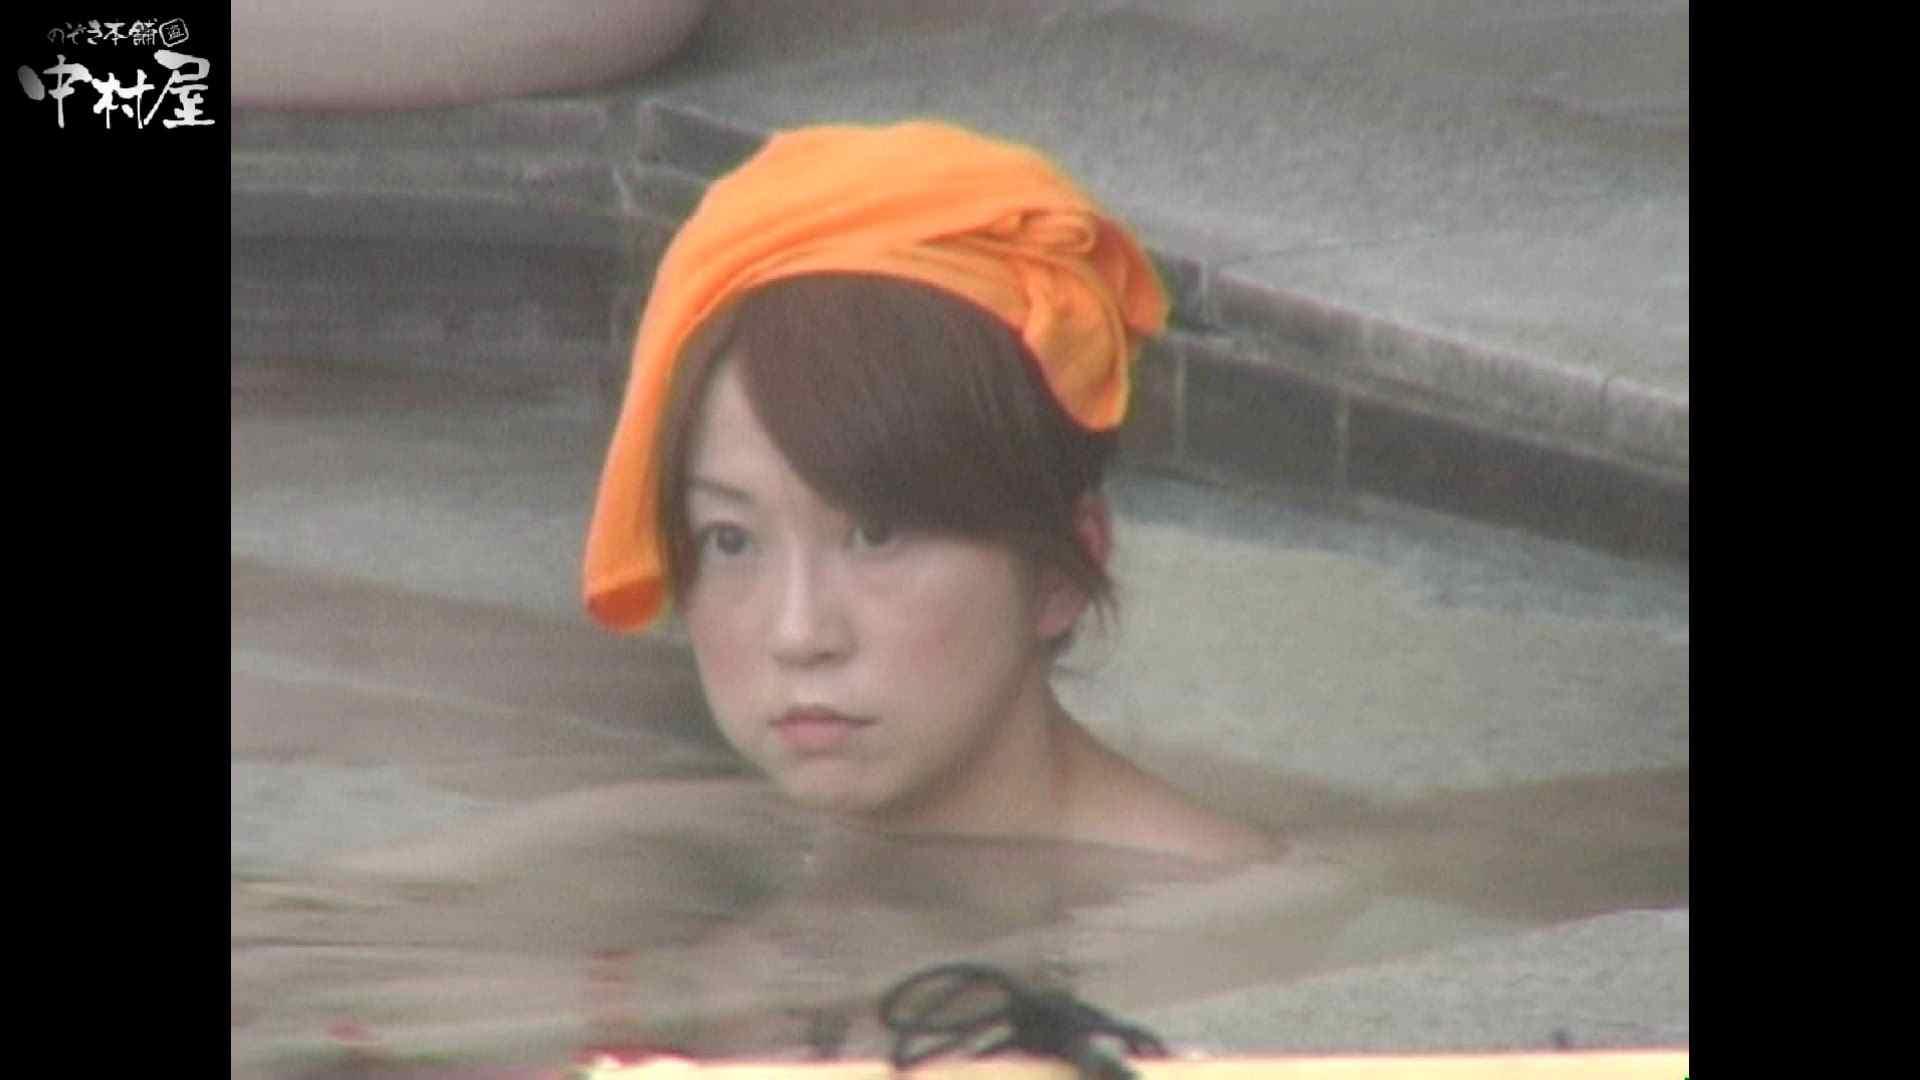 Aquaな露天風呂Vol.941 OLのエロ生活 アダルト動画キャプチャ 107連発 47